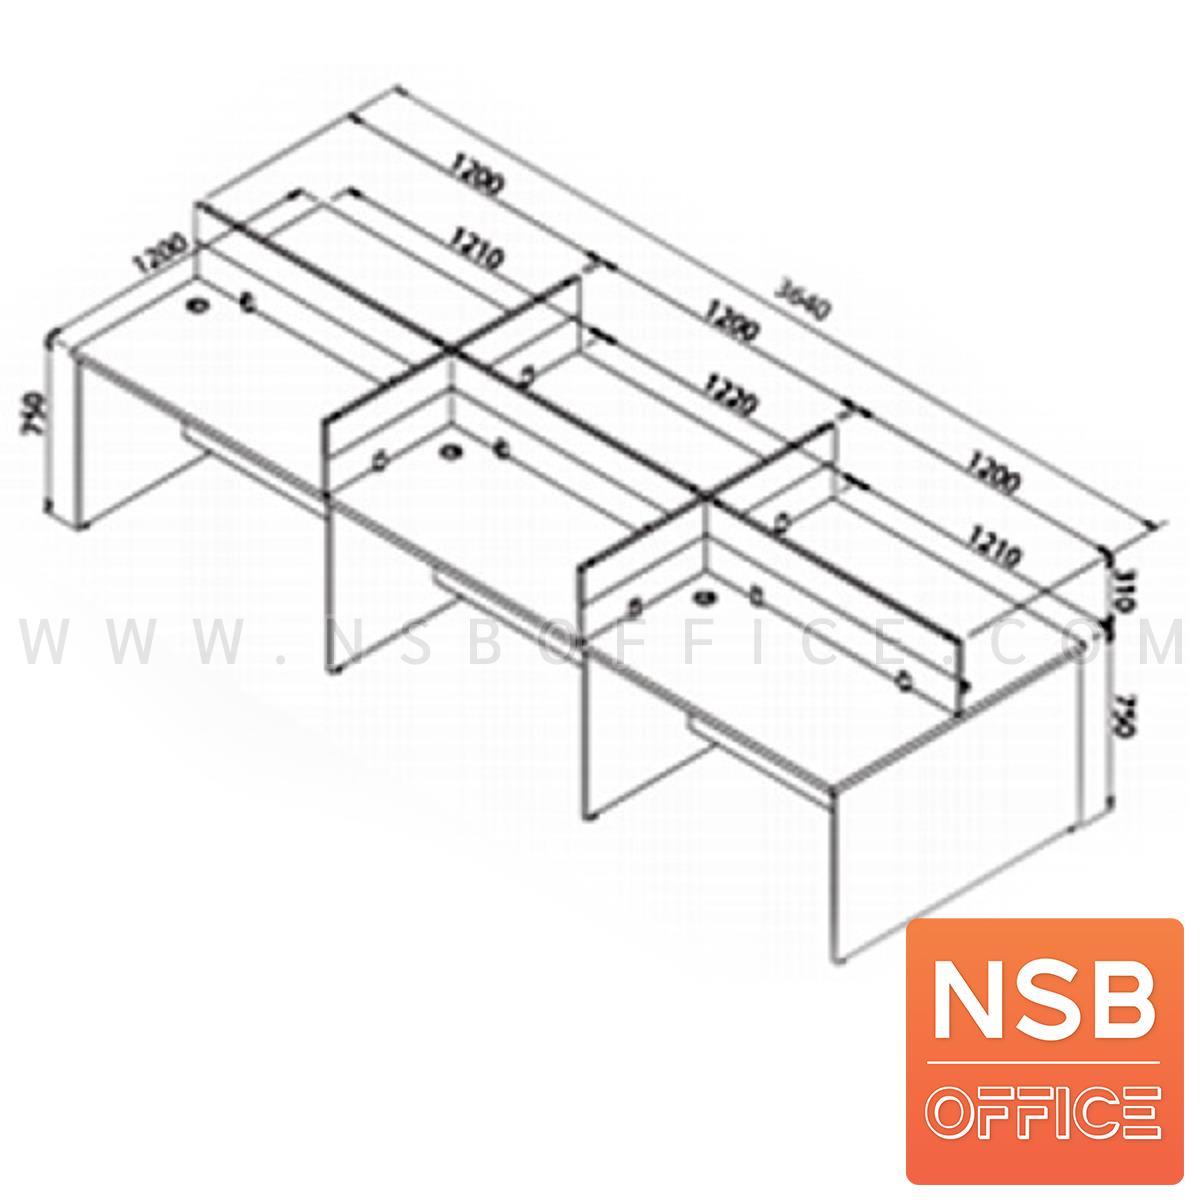 โต๊ะทำงานกลุ่ม 6 ที่ันั่ง รุ่น Multi (มัลติ) ขนาด 364W*120D cm. พร้อมมินิสกรีน